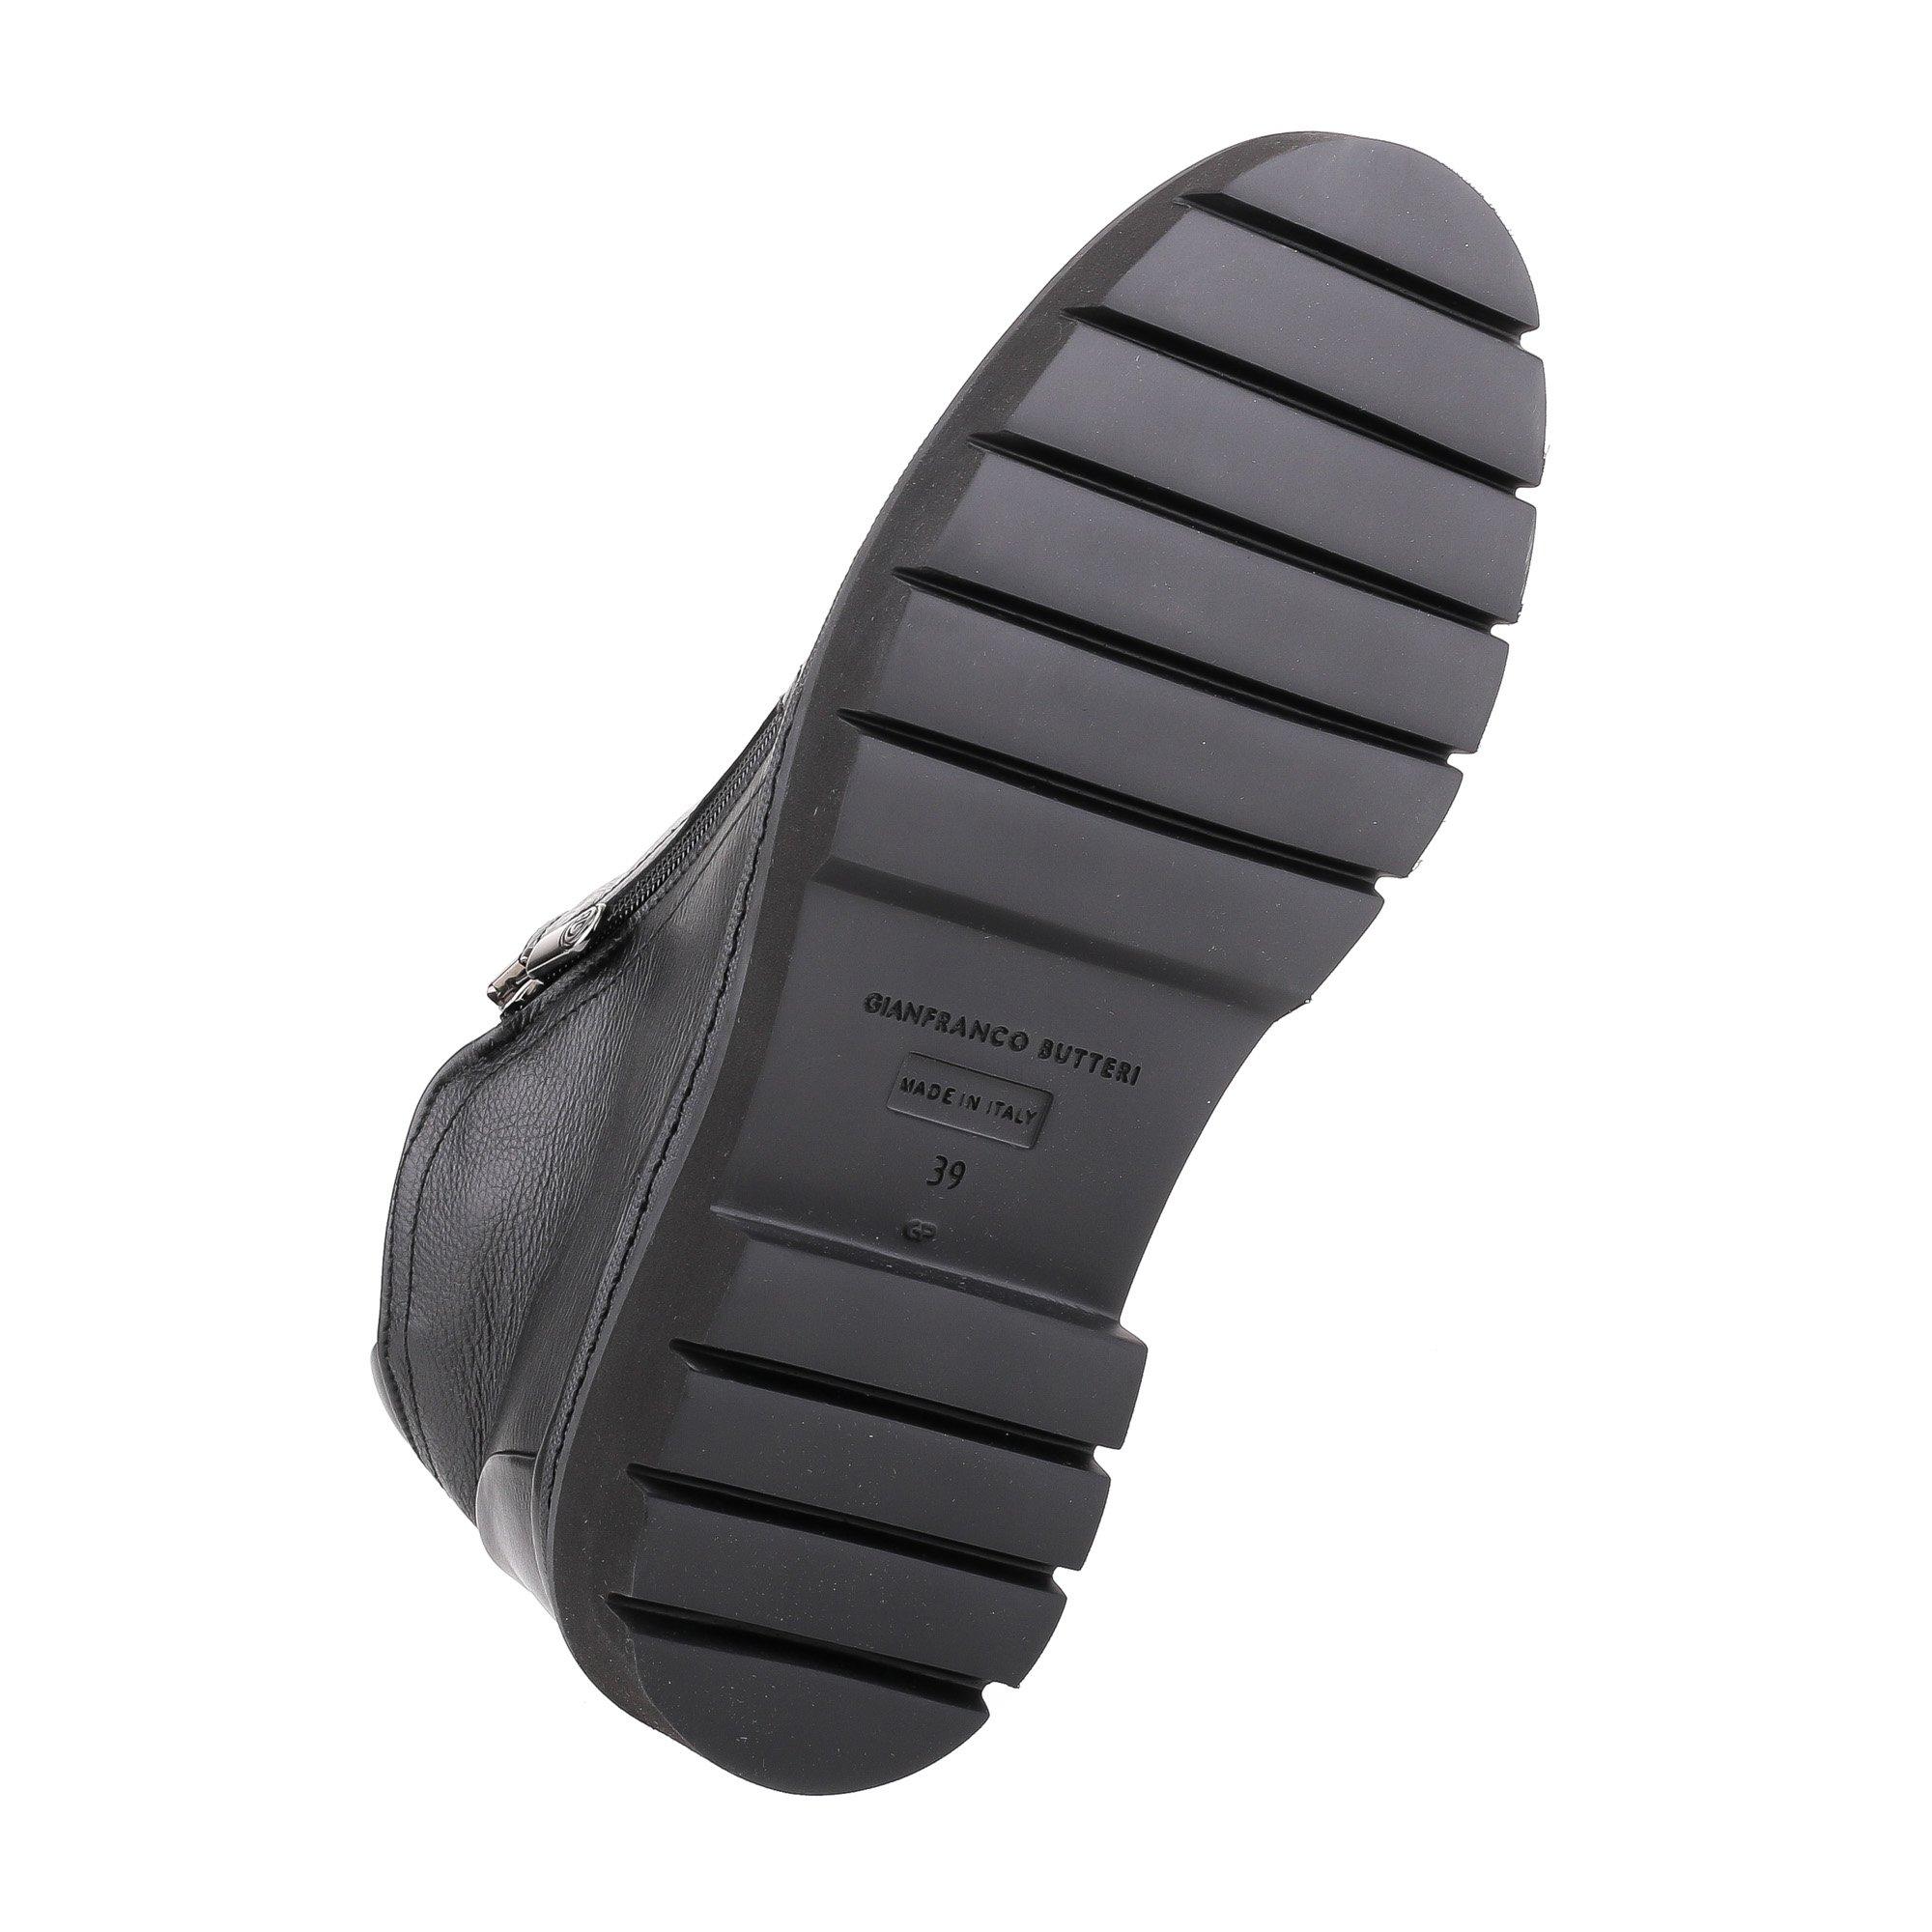 Ботинки Gianfranco Butteri T1328